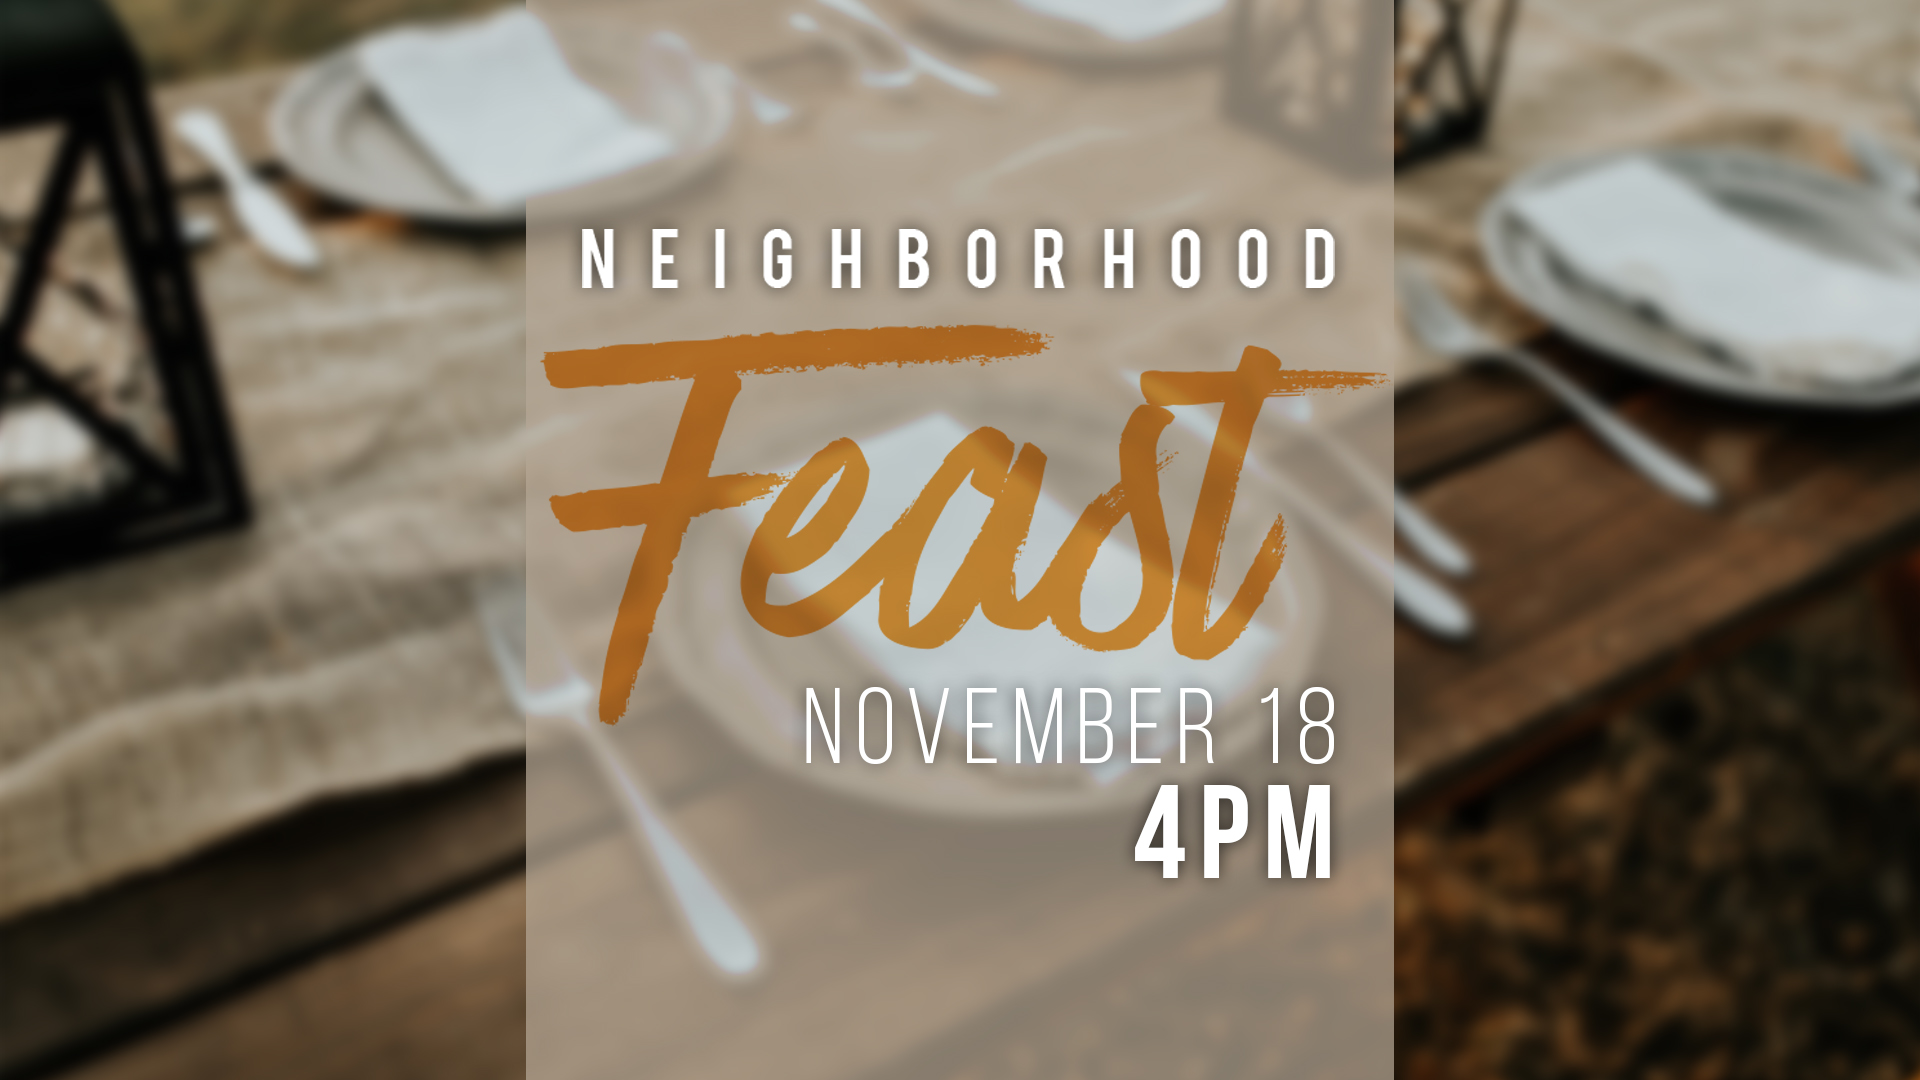 NeighborhoodFeast_Graphic.jpg